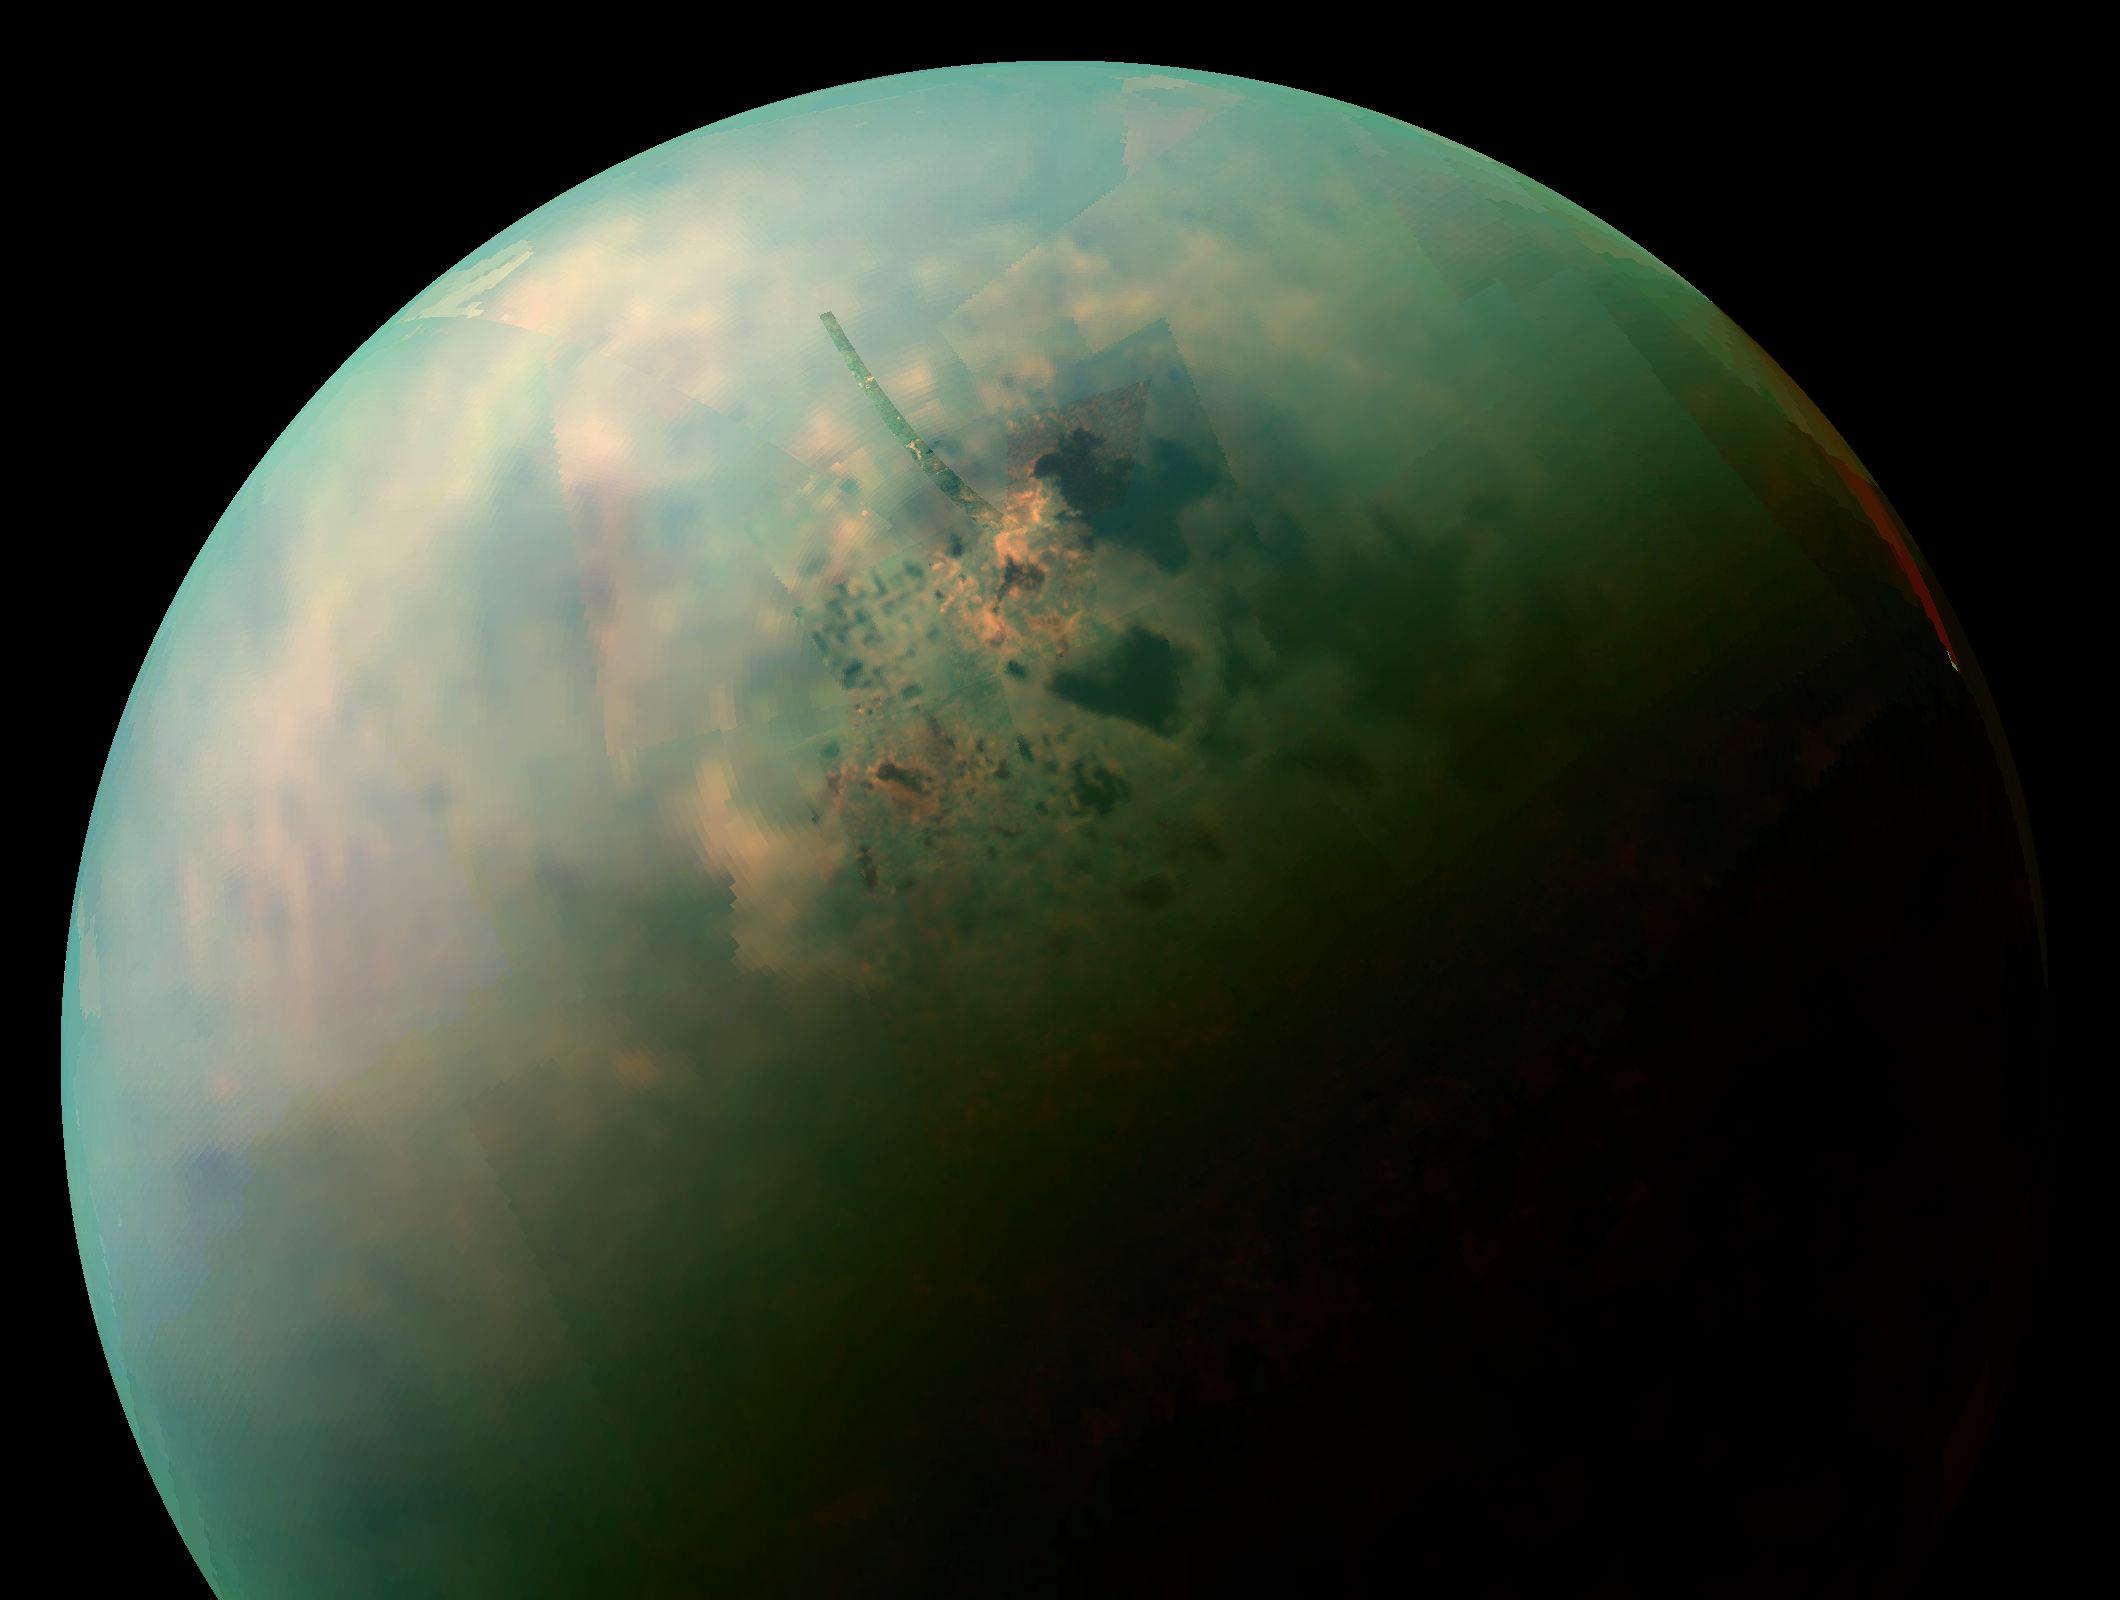 NASAk Titanen mapa zehatza sortu du - eguzki-sistemako zeruko gorputz interesgarrienetako bat